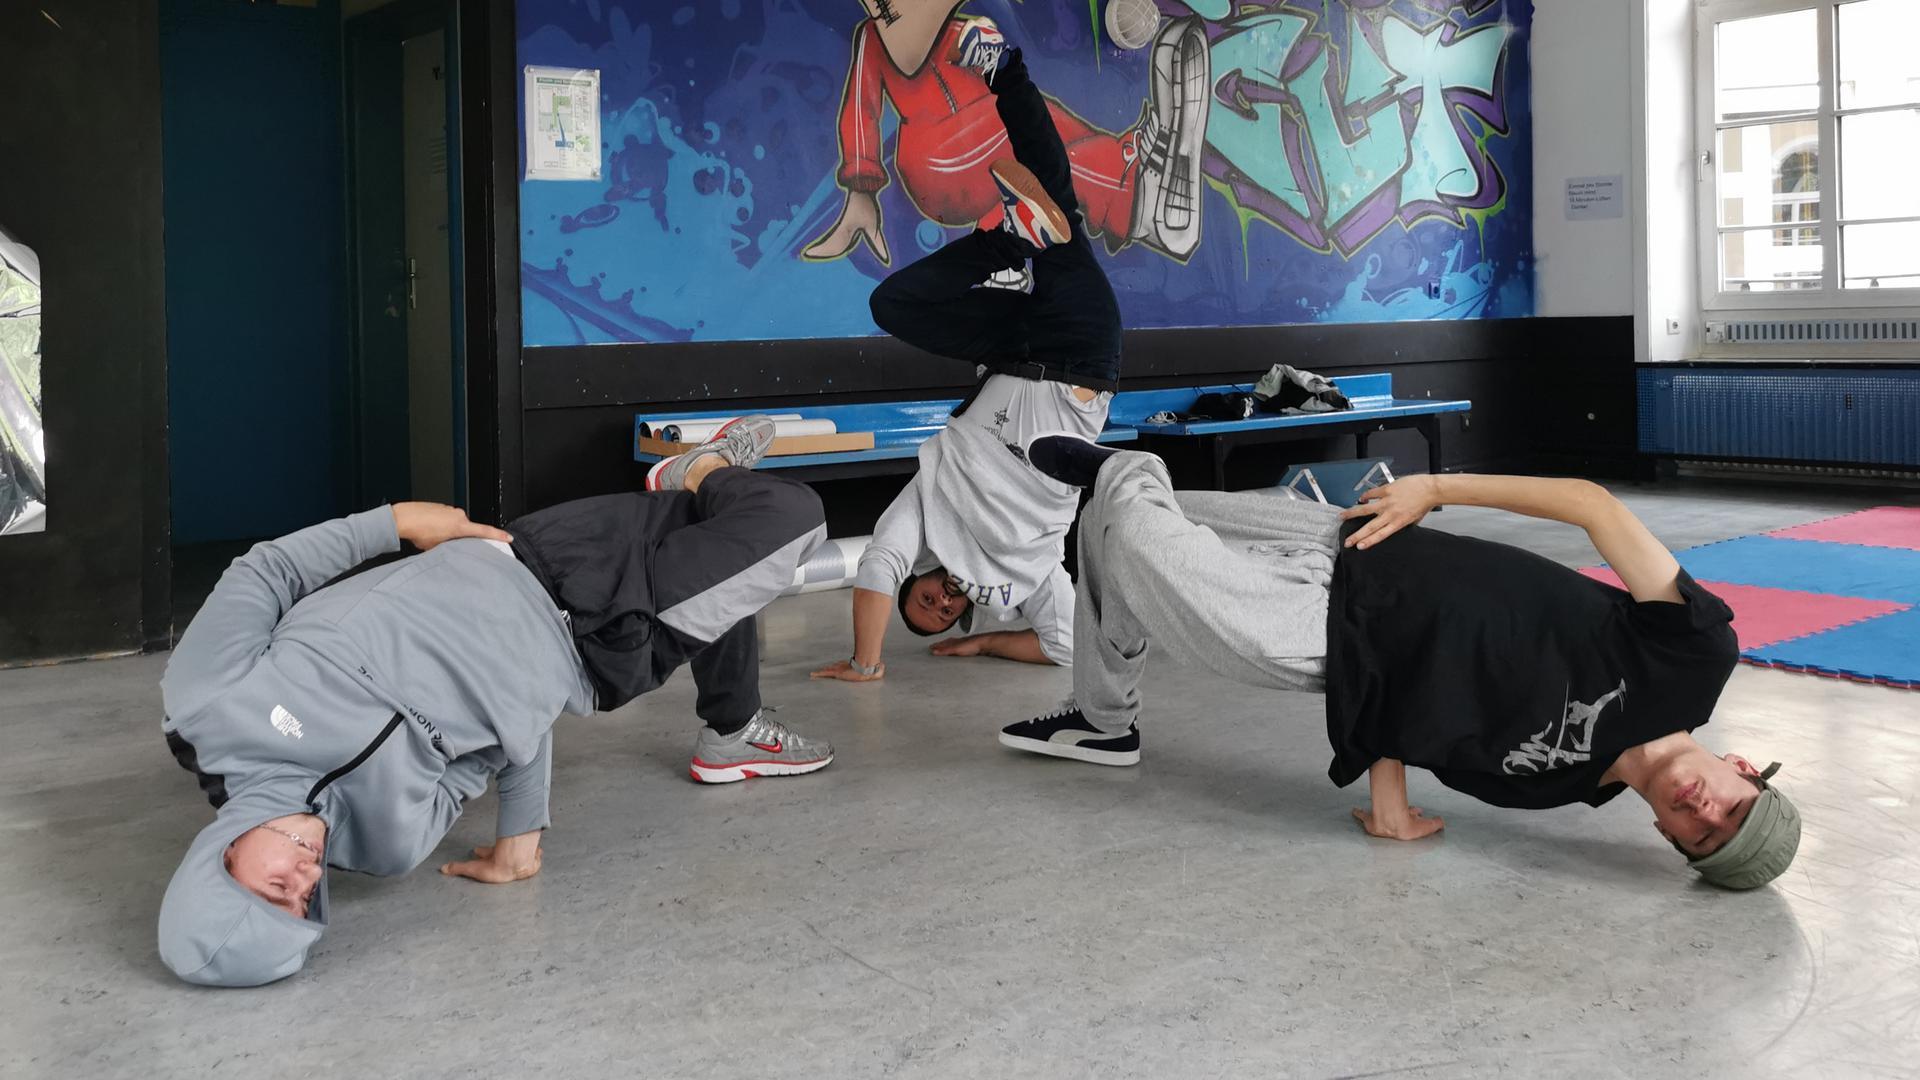 Drei Breakdancer machen eine akrobatische Figur vor einer Graffiti-Wand.